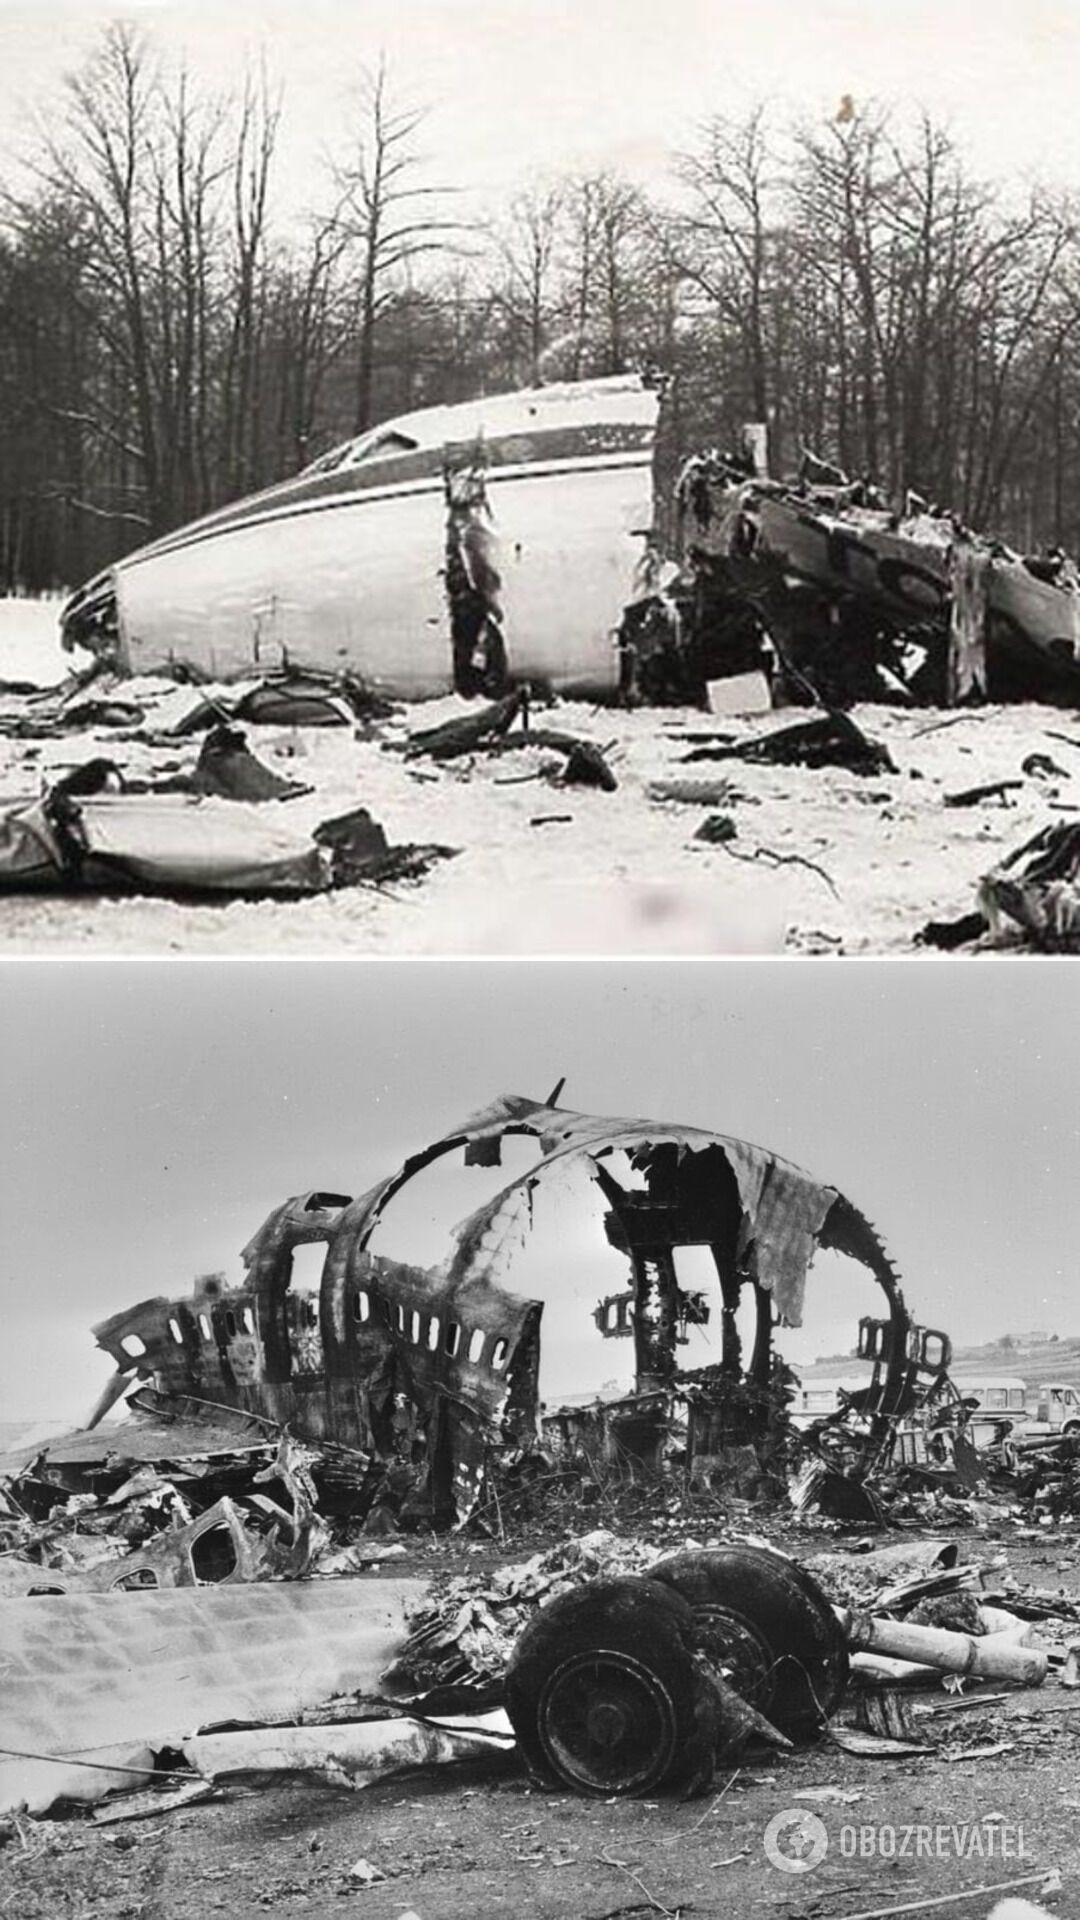 Катастрофа Ту-104 под Внуково, 1979 год и крушение Ту-154 под Омском, 1984 год